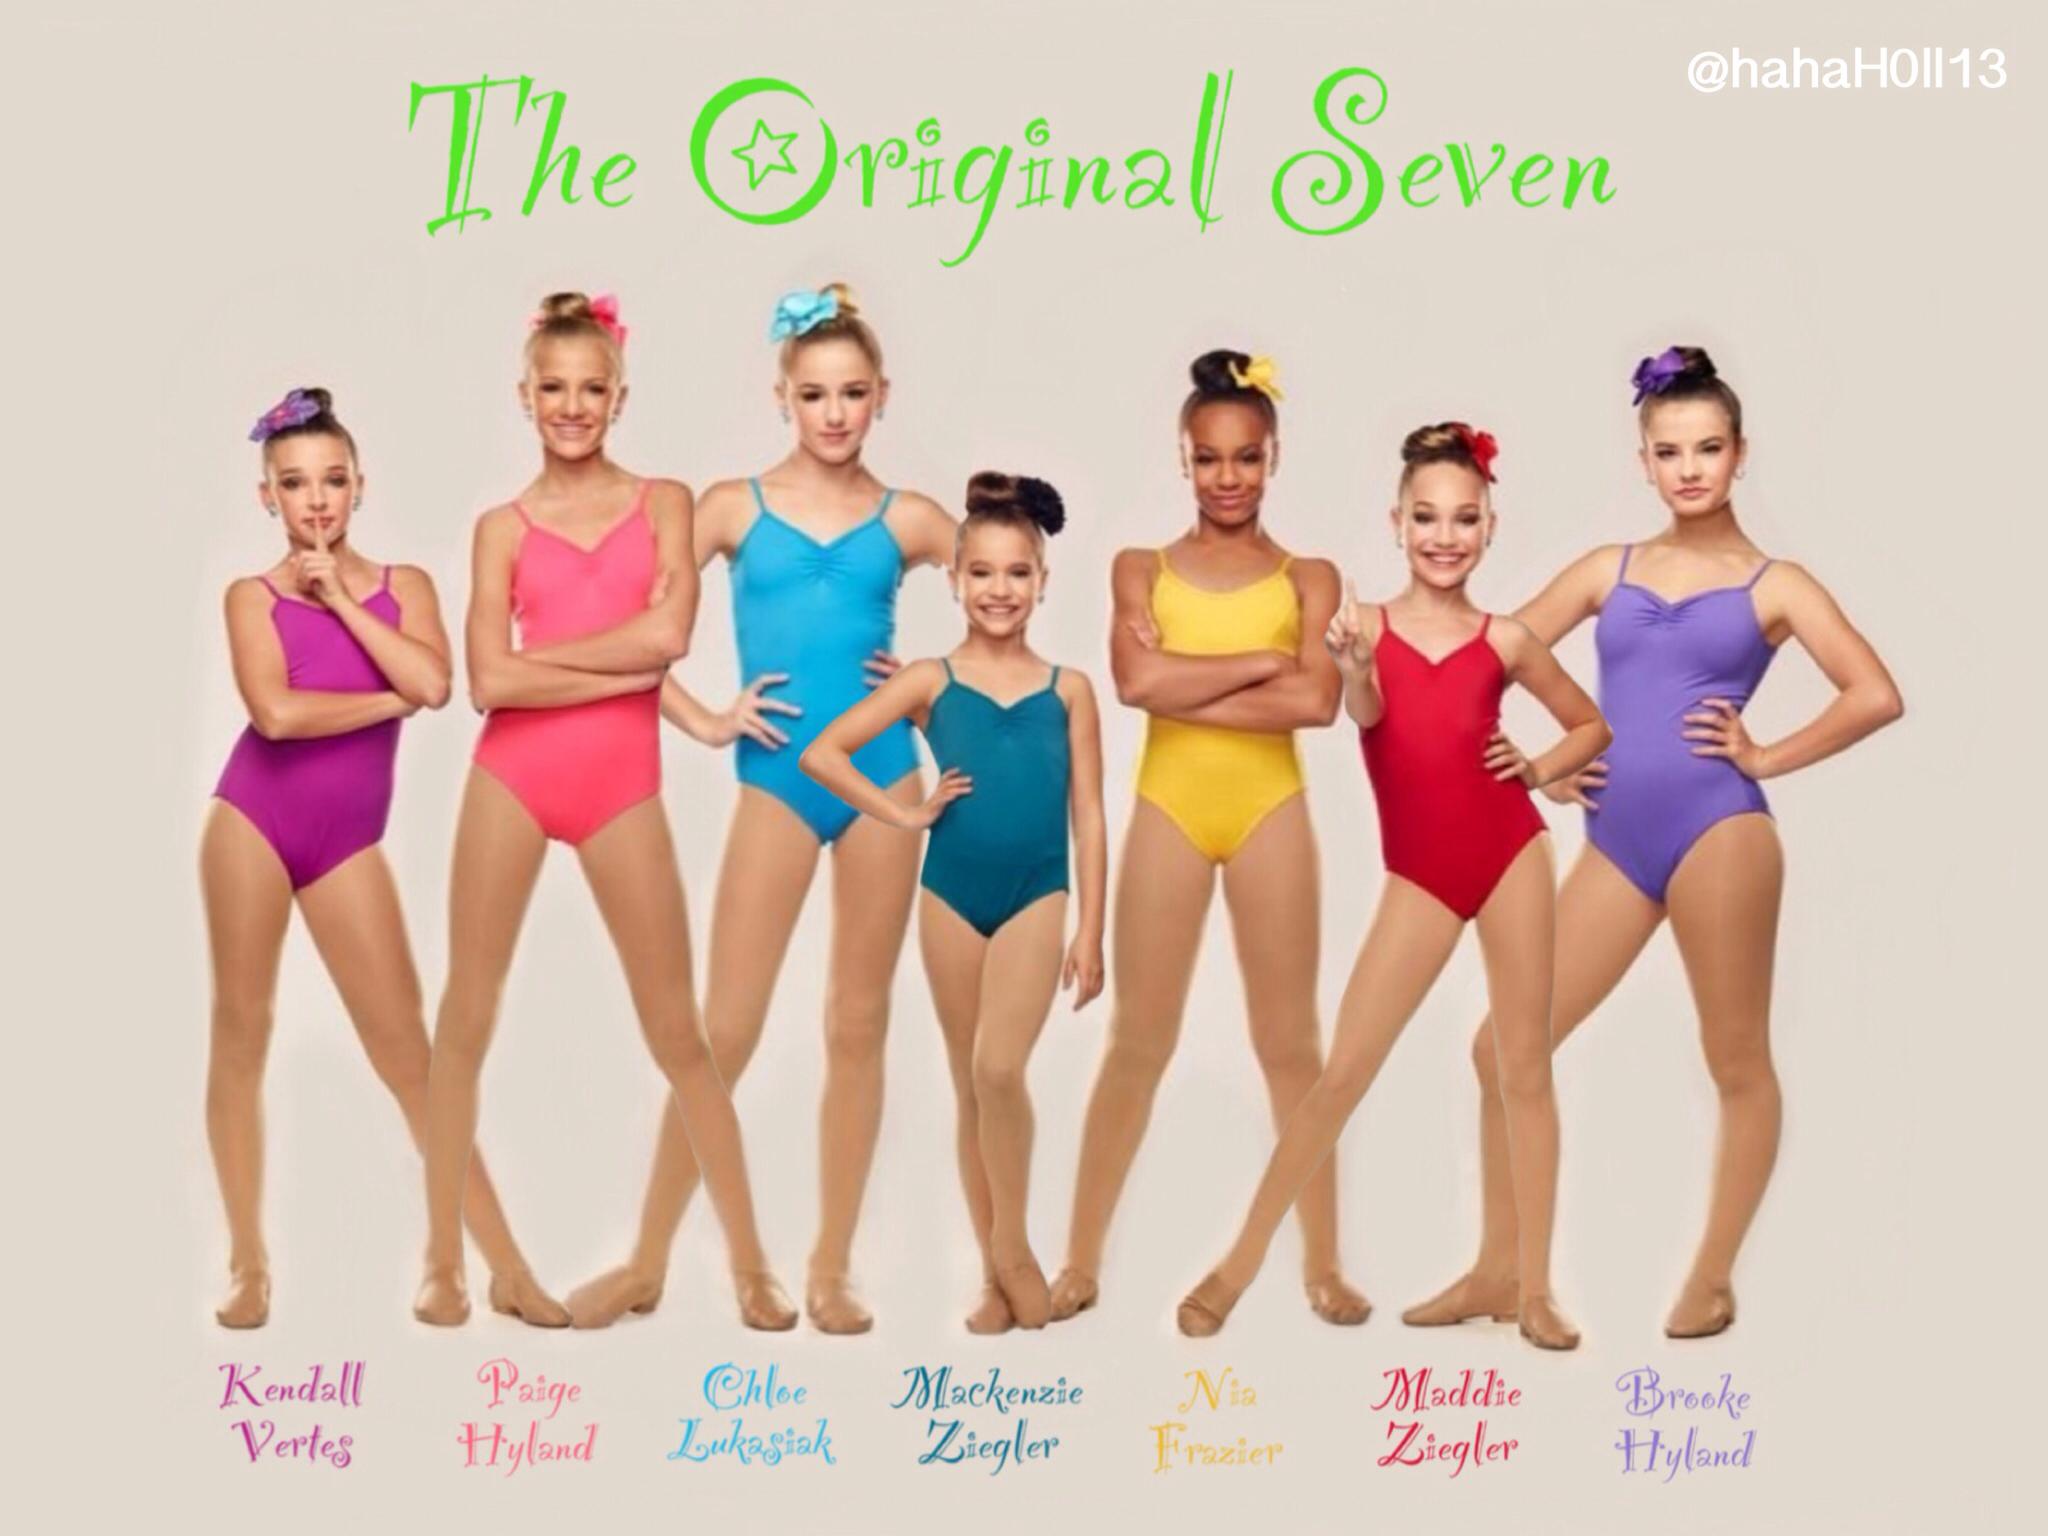 Dance Moms edit of the original seven: Kendall Vertes, Paige Hyland, Chloe Lukasiak, Mackenzie Ziegler, Nia Frazier, Maddie Ziegler, and Brooke Hyland.